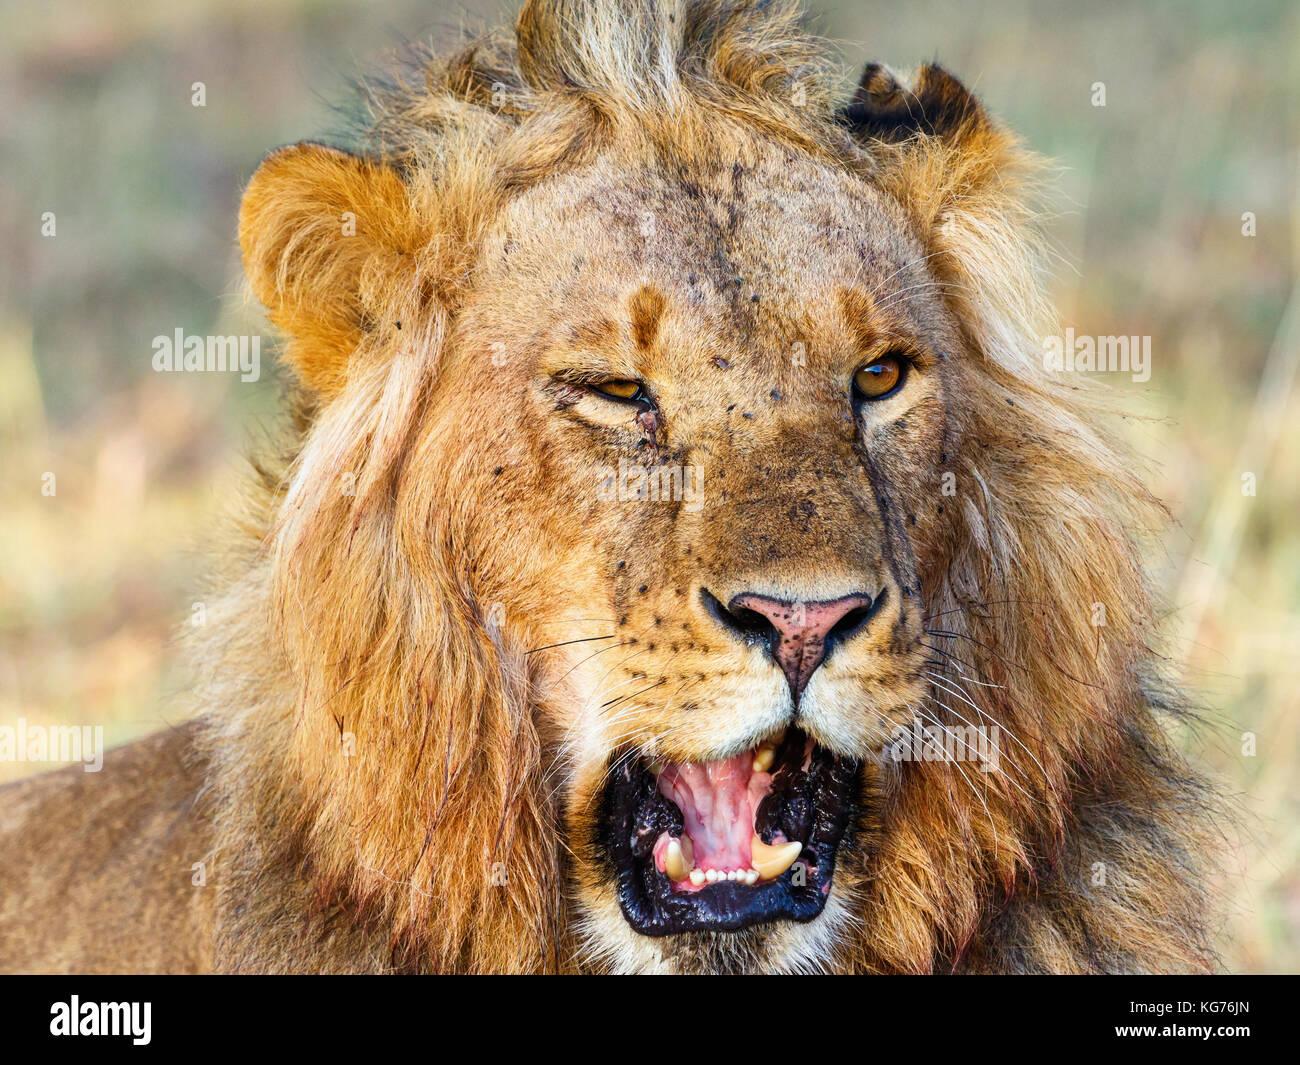 Lion Roar Mane Stock Photos & Lion Roar Mane Stock Images ... - photo#5